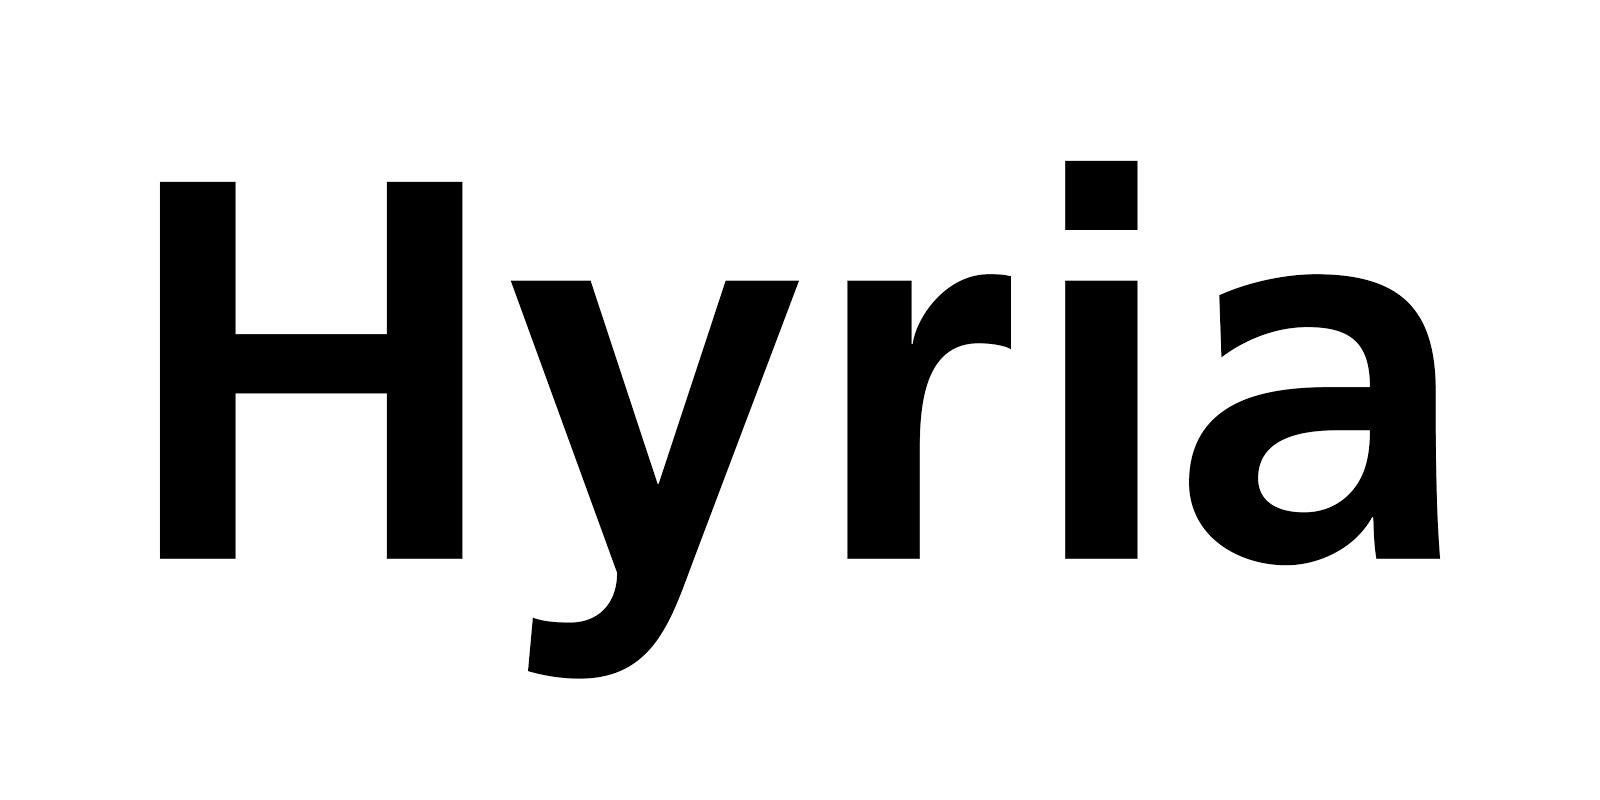 Hyria koulutus Oy